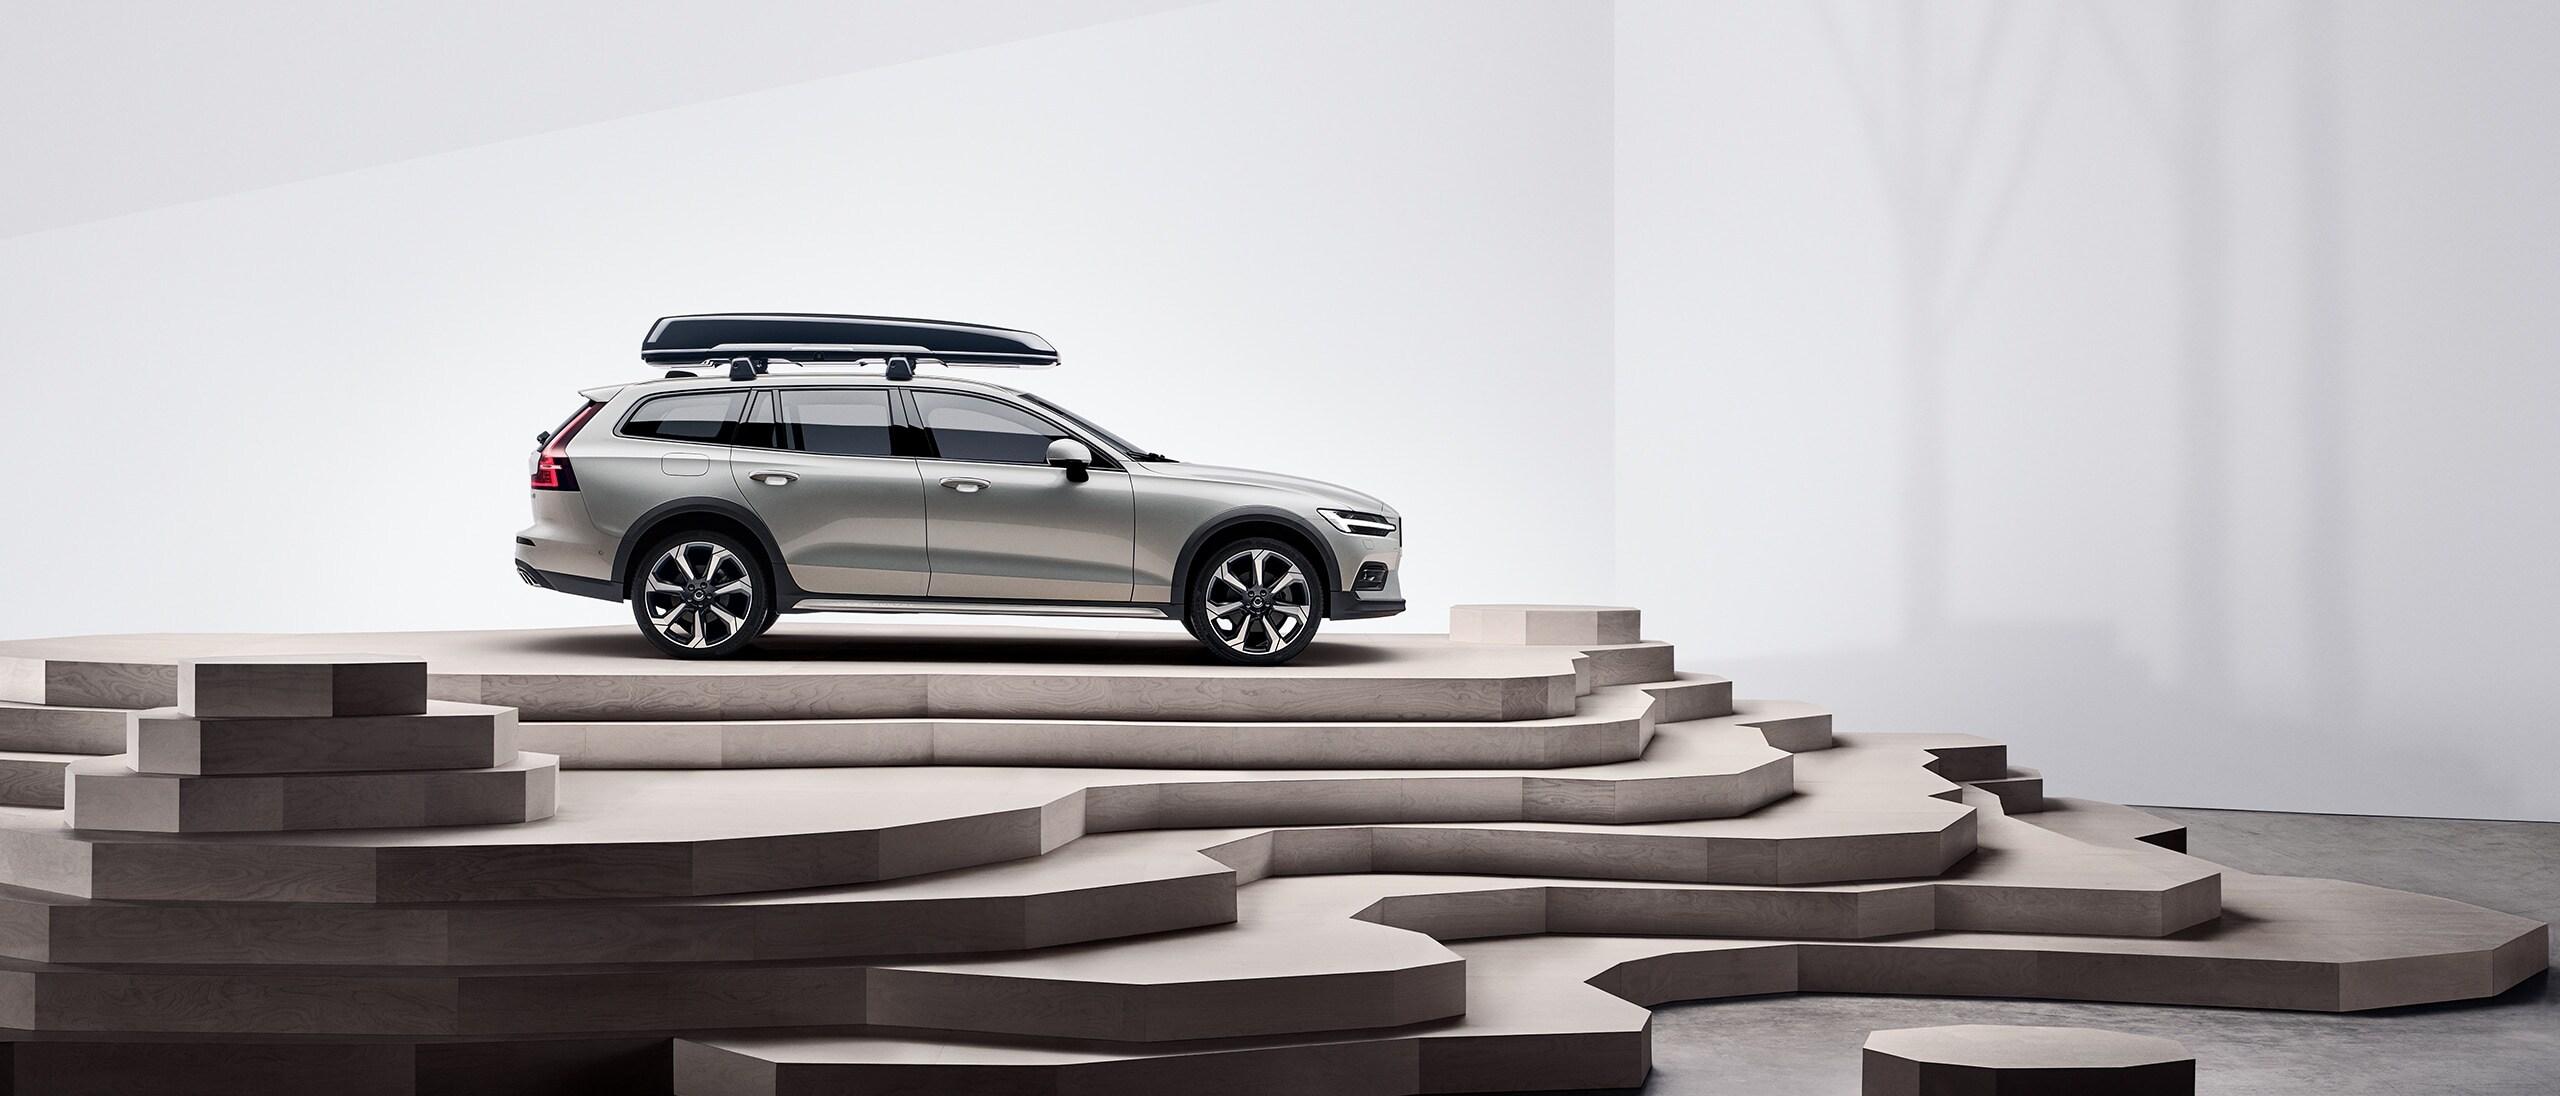 Ένα μπεζ Volvo V60 Cross Country με μπαγκαζιέρα οροφής είναι σταθμευμένο στην κορυφή σκαλοπατιών.